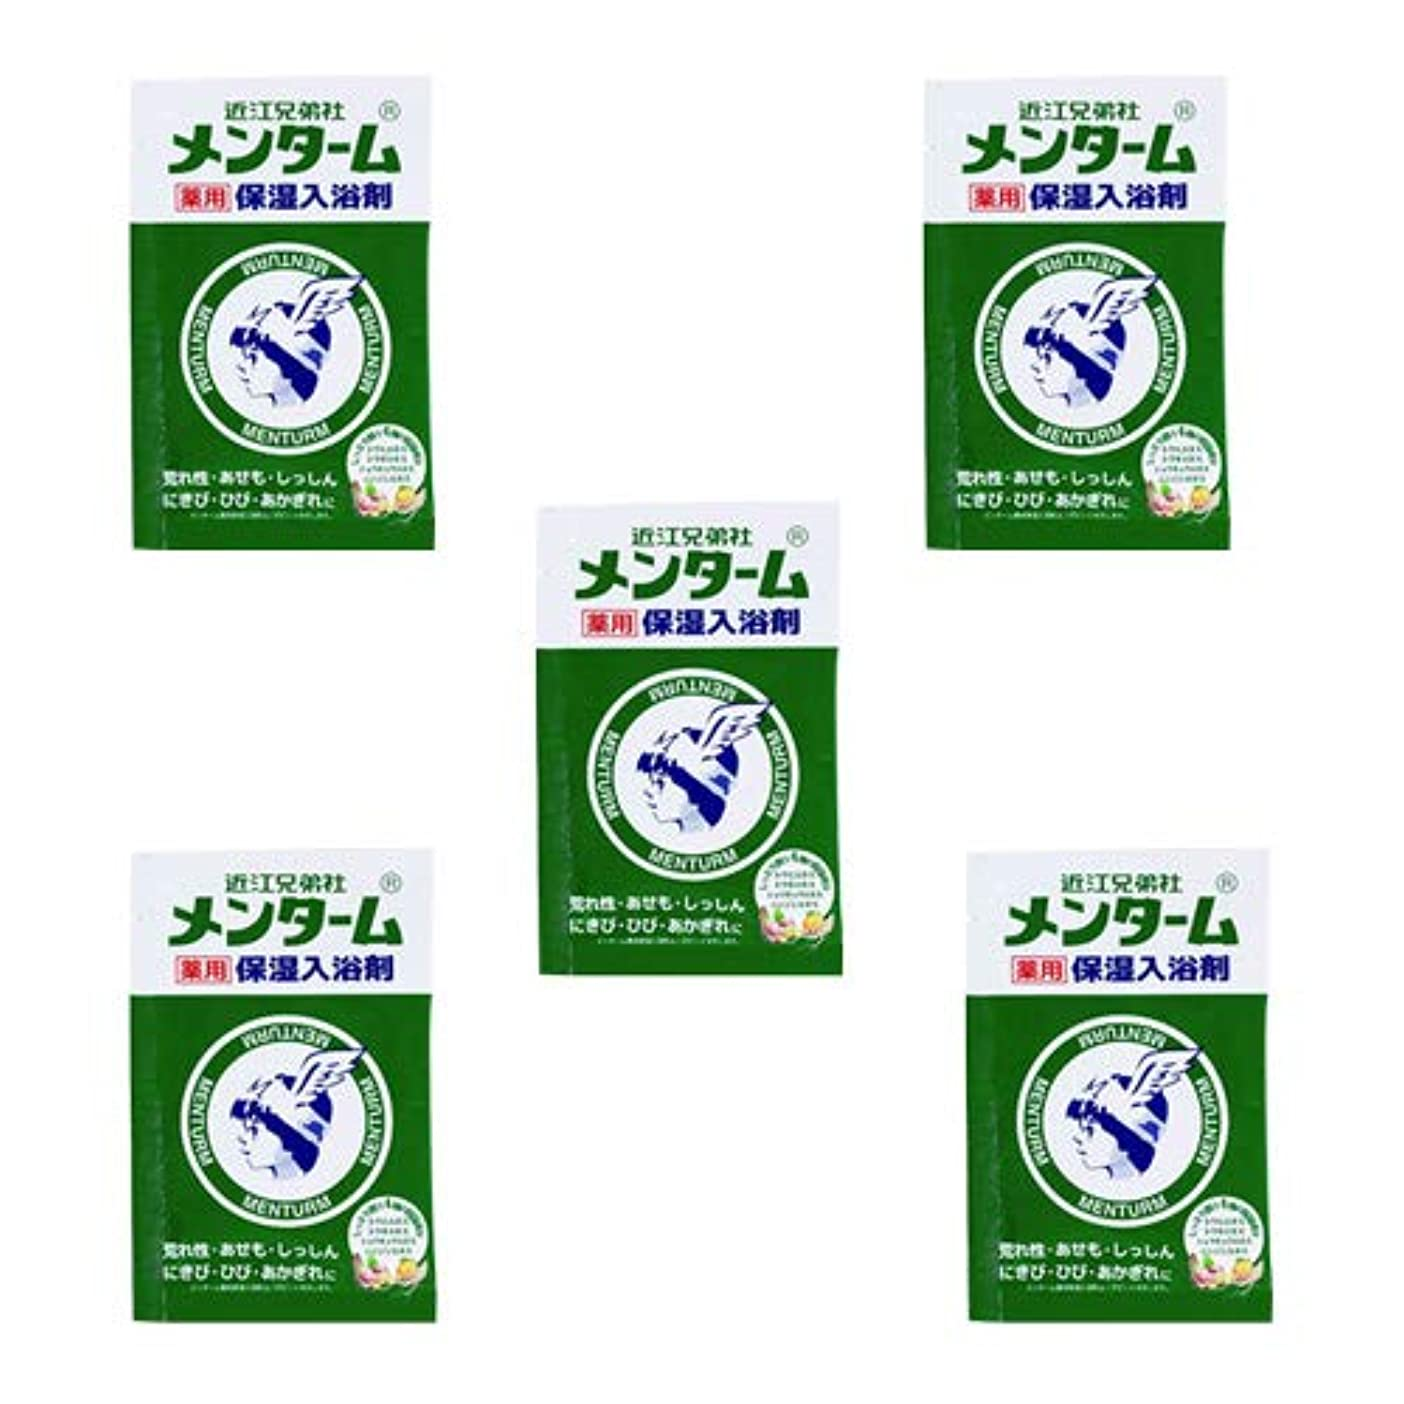 信仰クリエイティブ精査する近江兄弟社 メンターム 薬用 保湿入浴剤 25g×5個セット